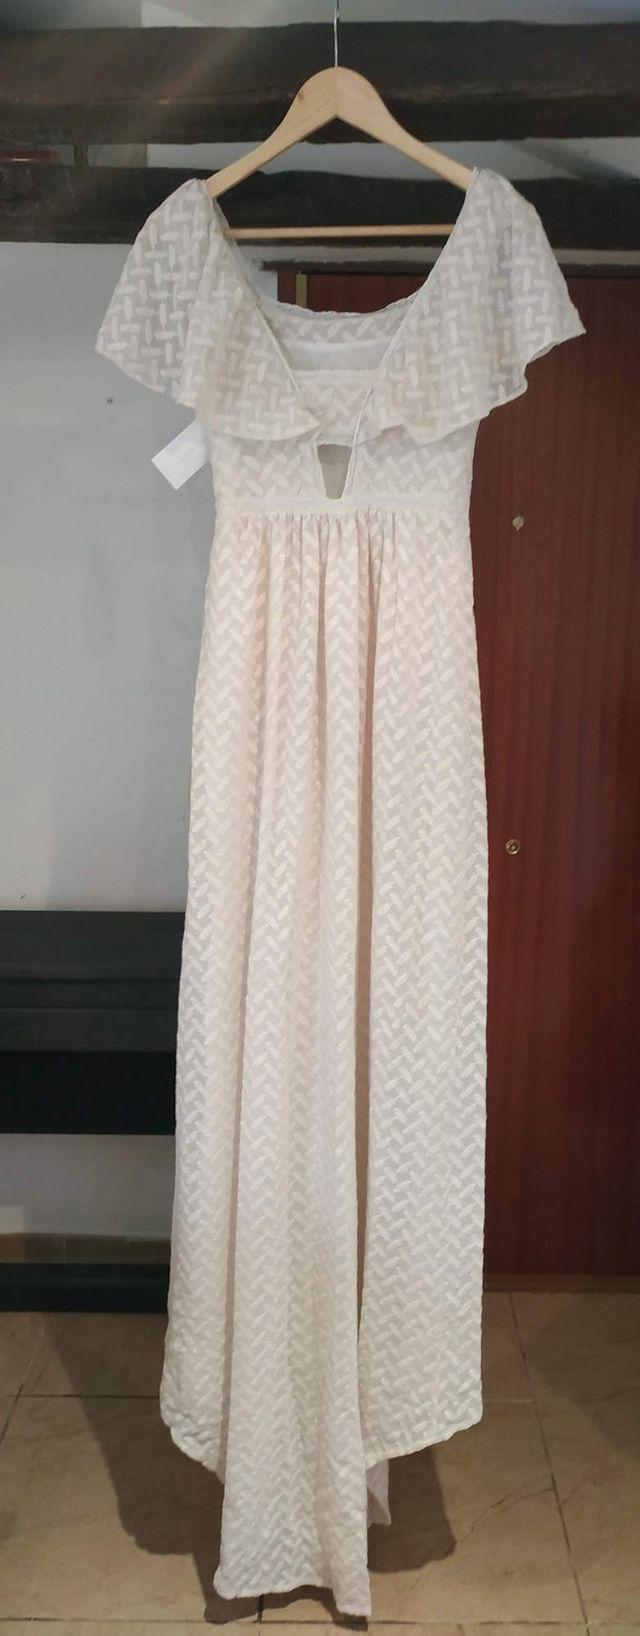 Espectacular Vestido de novia Talla M 36/38 NUEVO! de